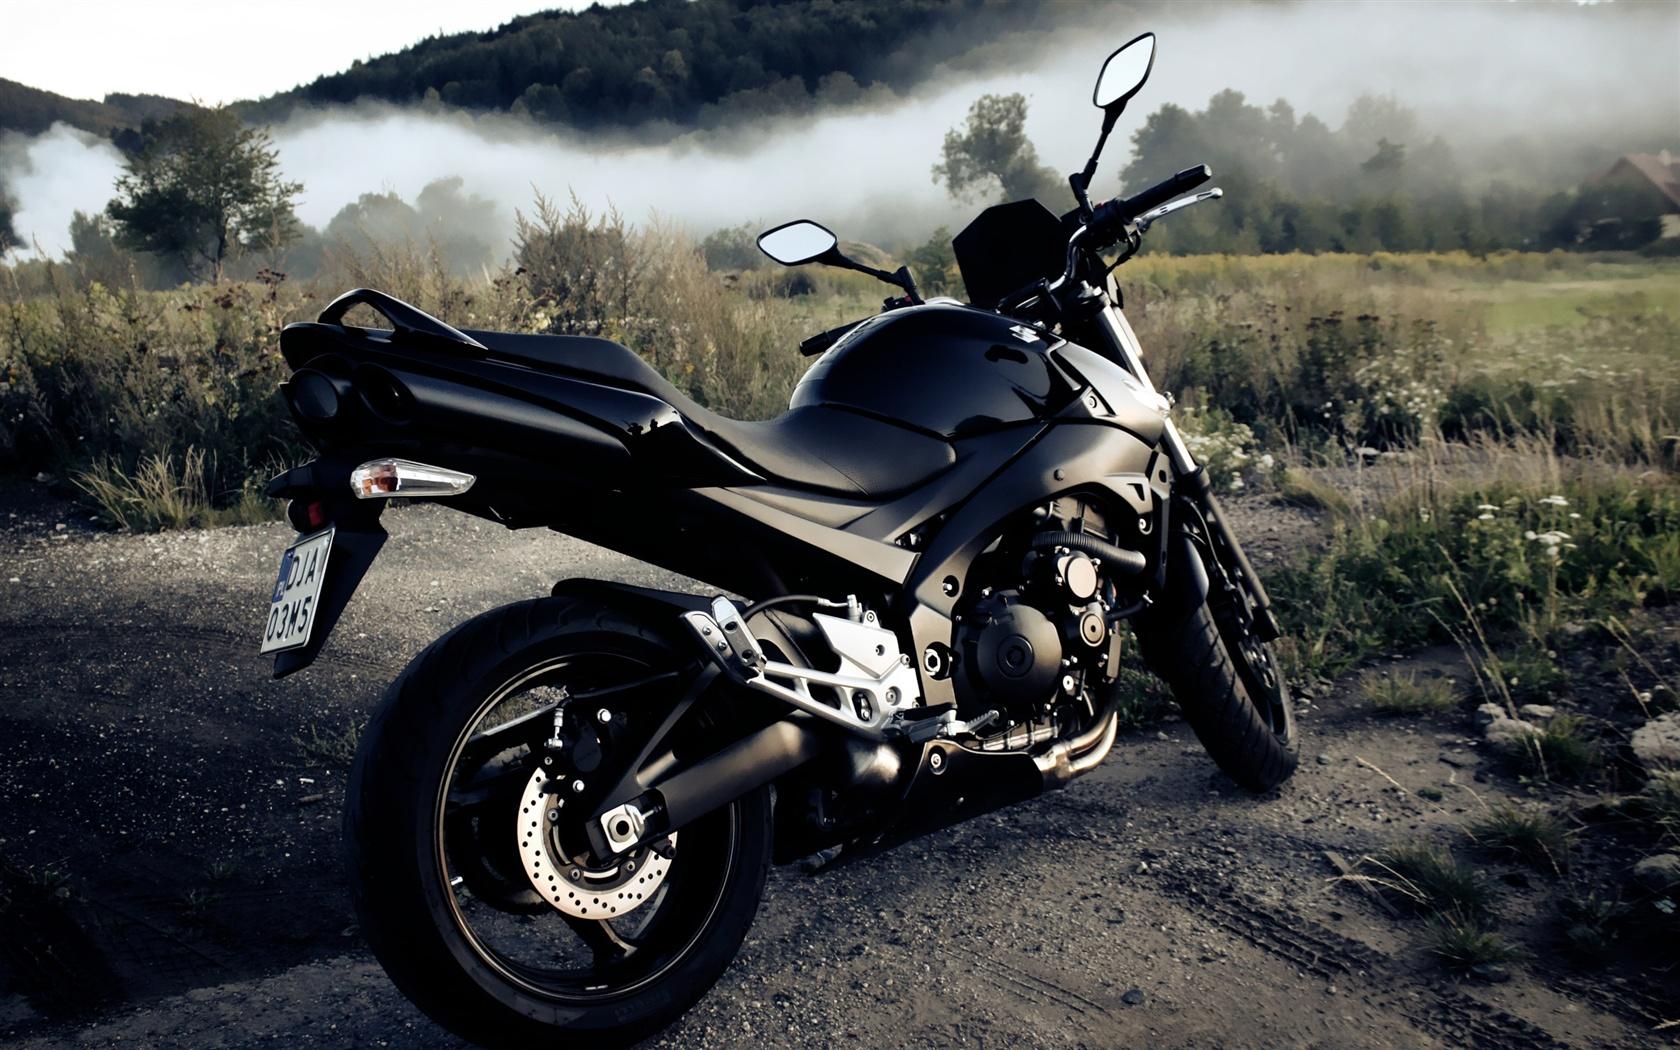 摩托车�:`'�fj9��:`(9.#�)��be�f_铃木gsxr 600摩托车 壁纸